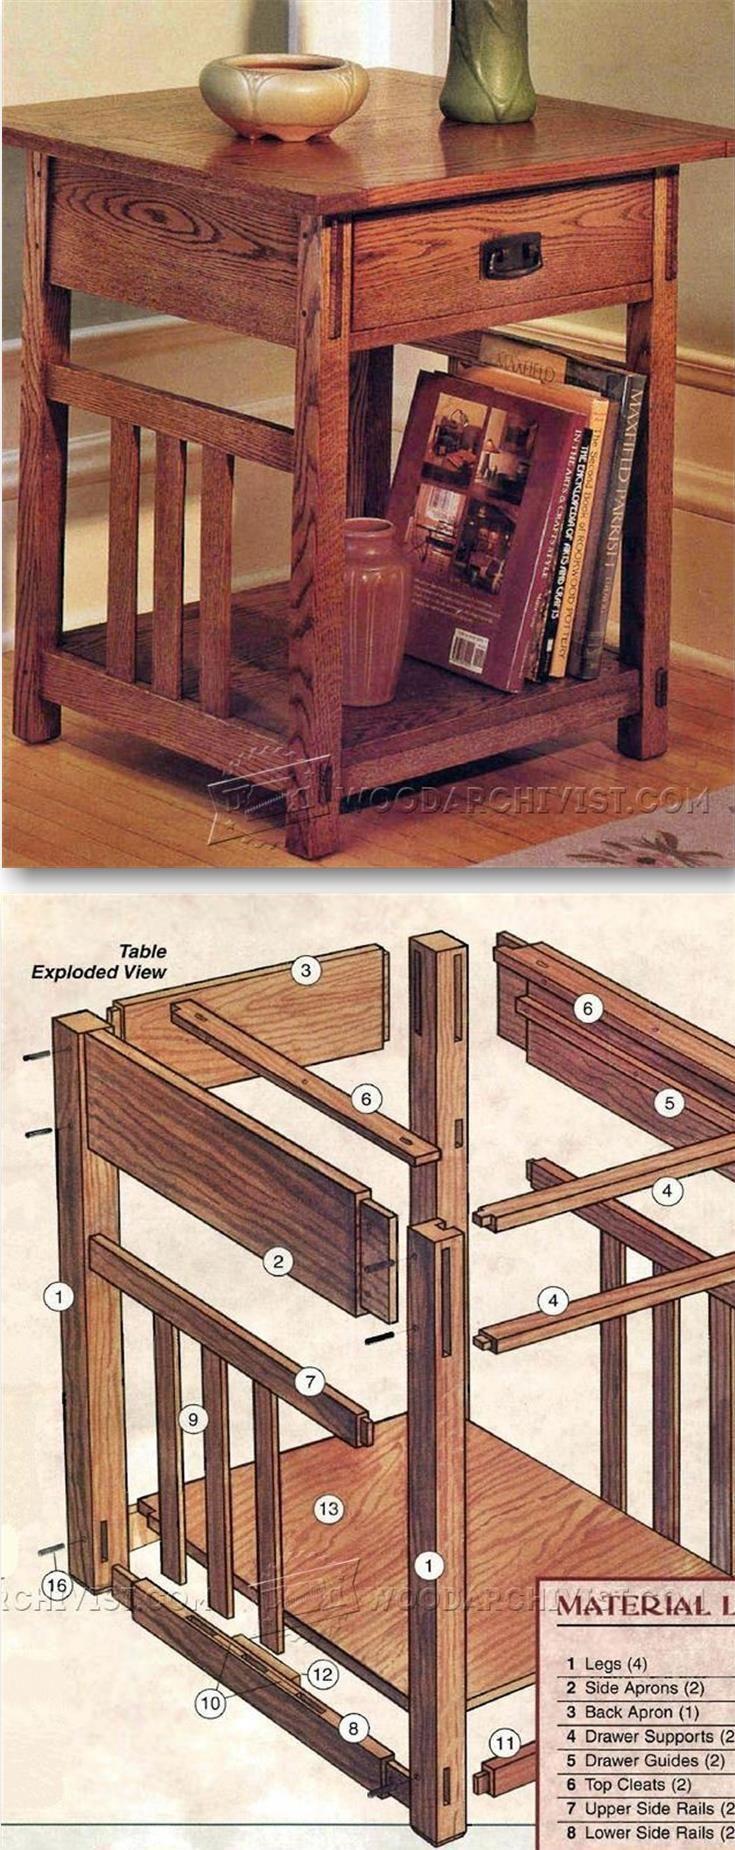 Mejores 2017 Im Genes De Novice Woodworking Projects En Pinterest  # Muebles Sortimo